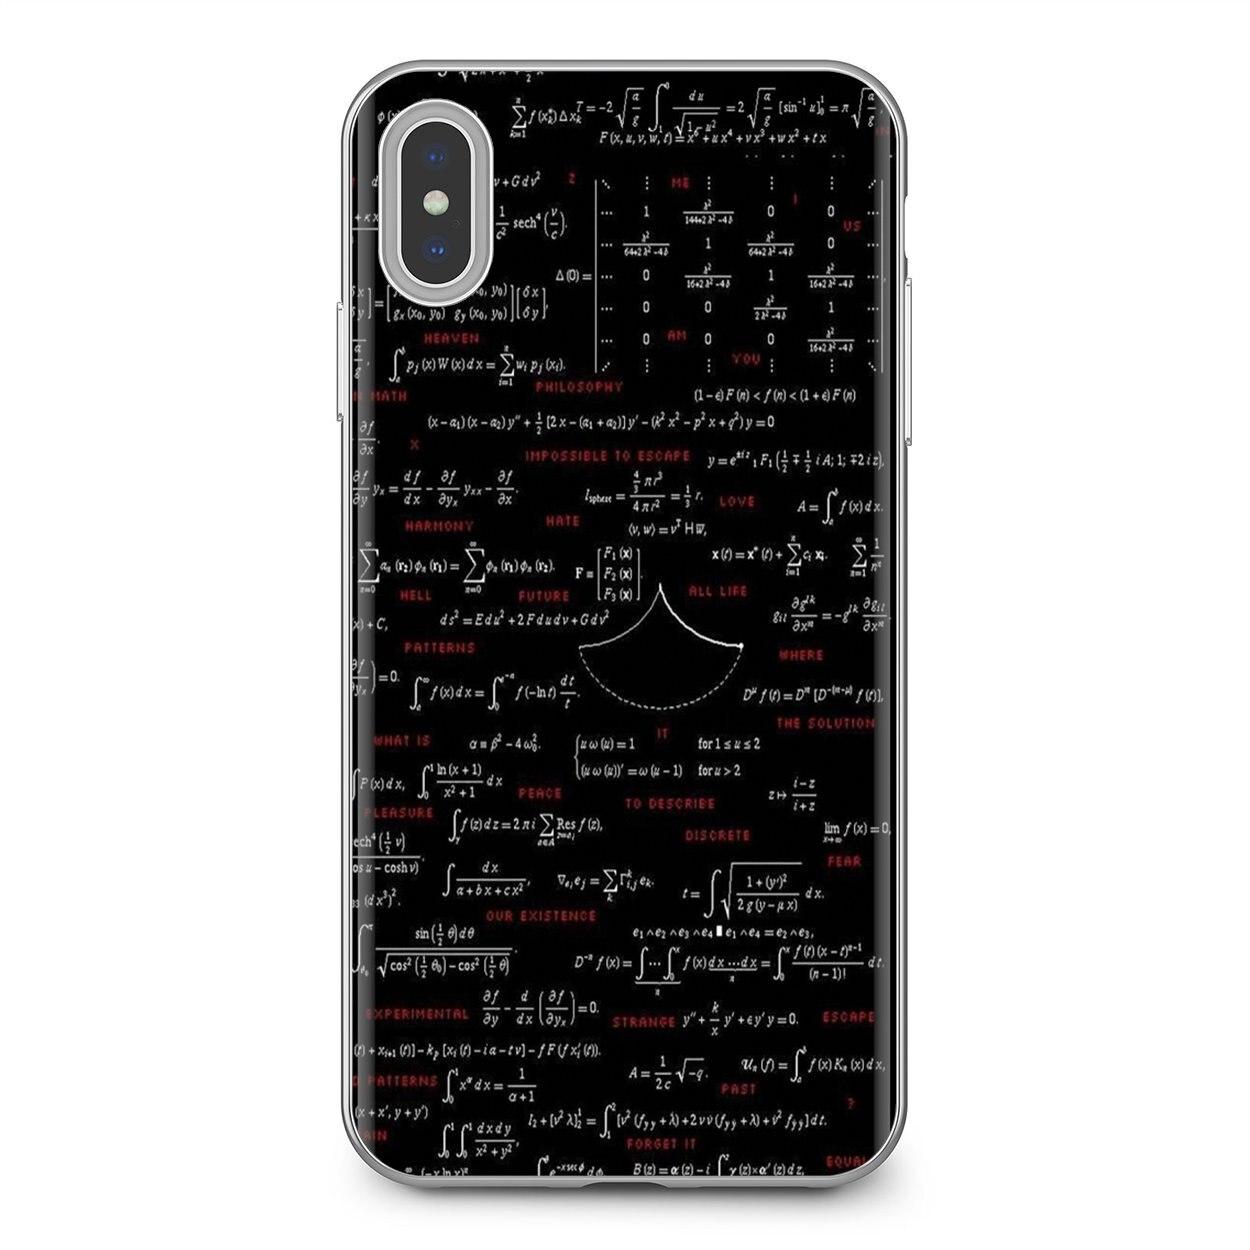 De silicona cubierta de la cáscara de las fórmulas matemáticas Formul matemáticas para Samsung Galaxy J1 J2 J3 J4 J5 J6 J7 J8 Plus 2018 de 2015 de 2016 a 2017